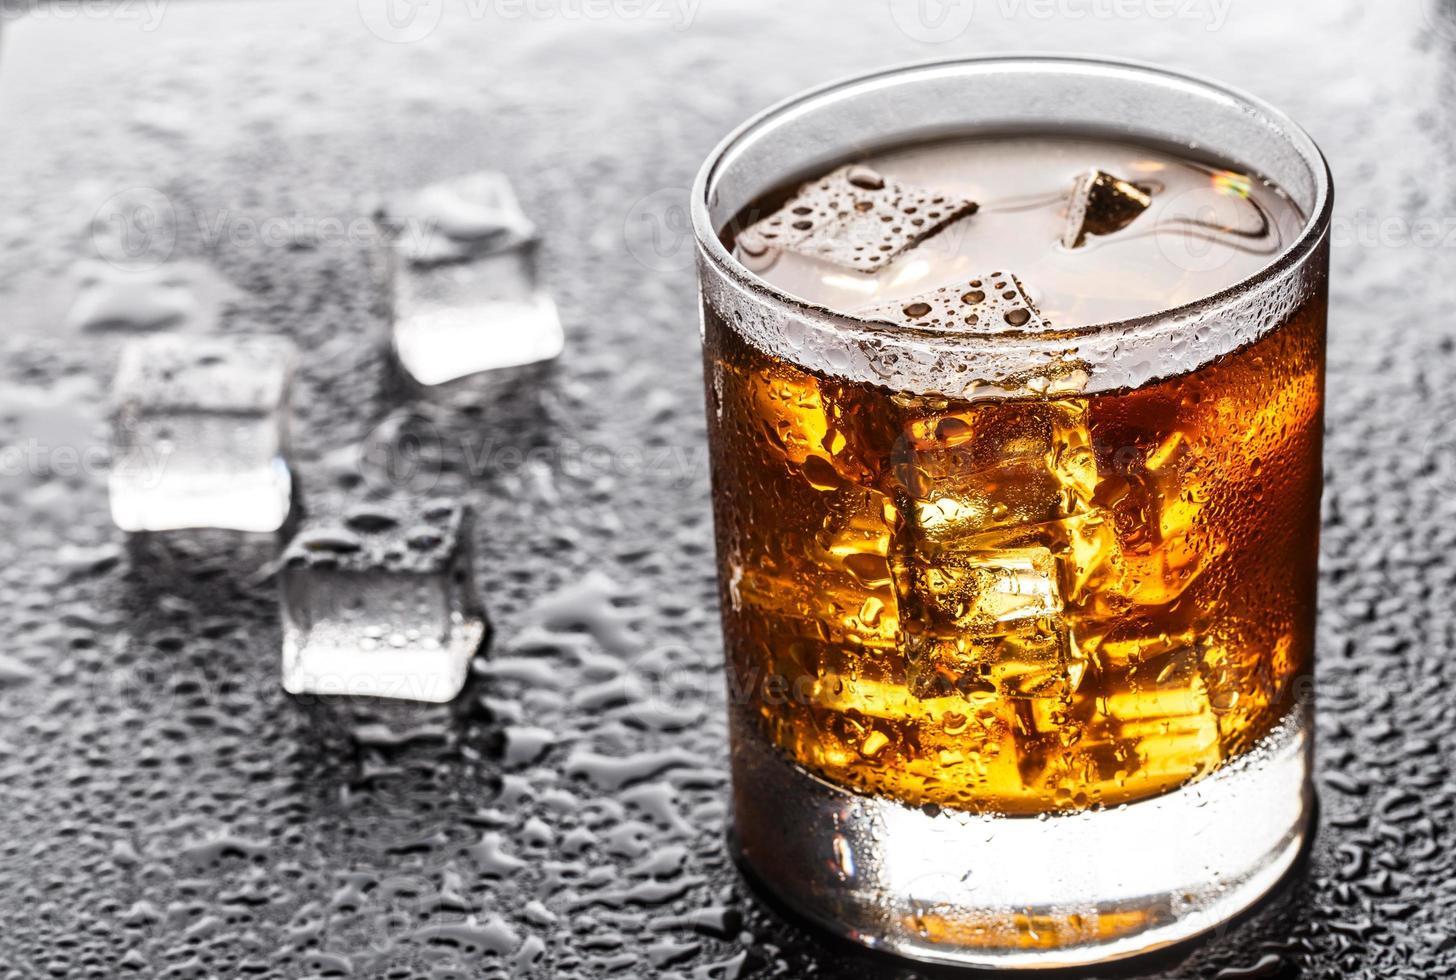 vaso con bebida alcohólica foto